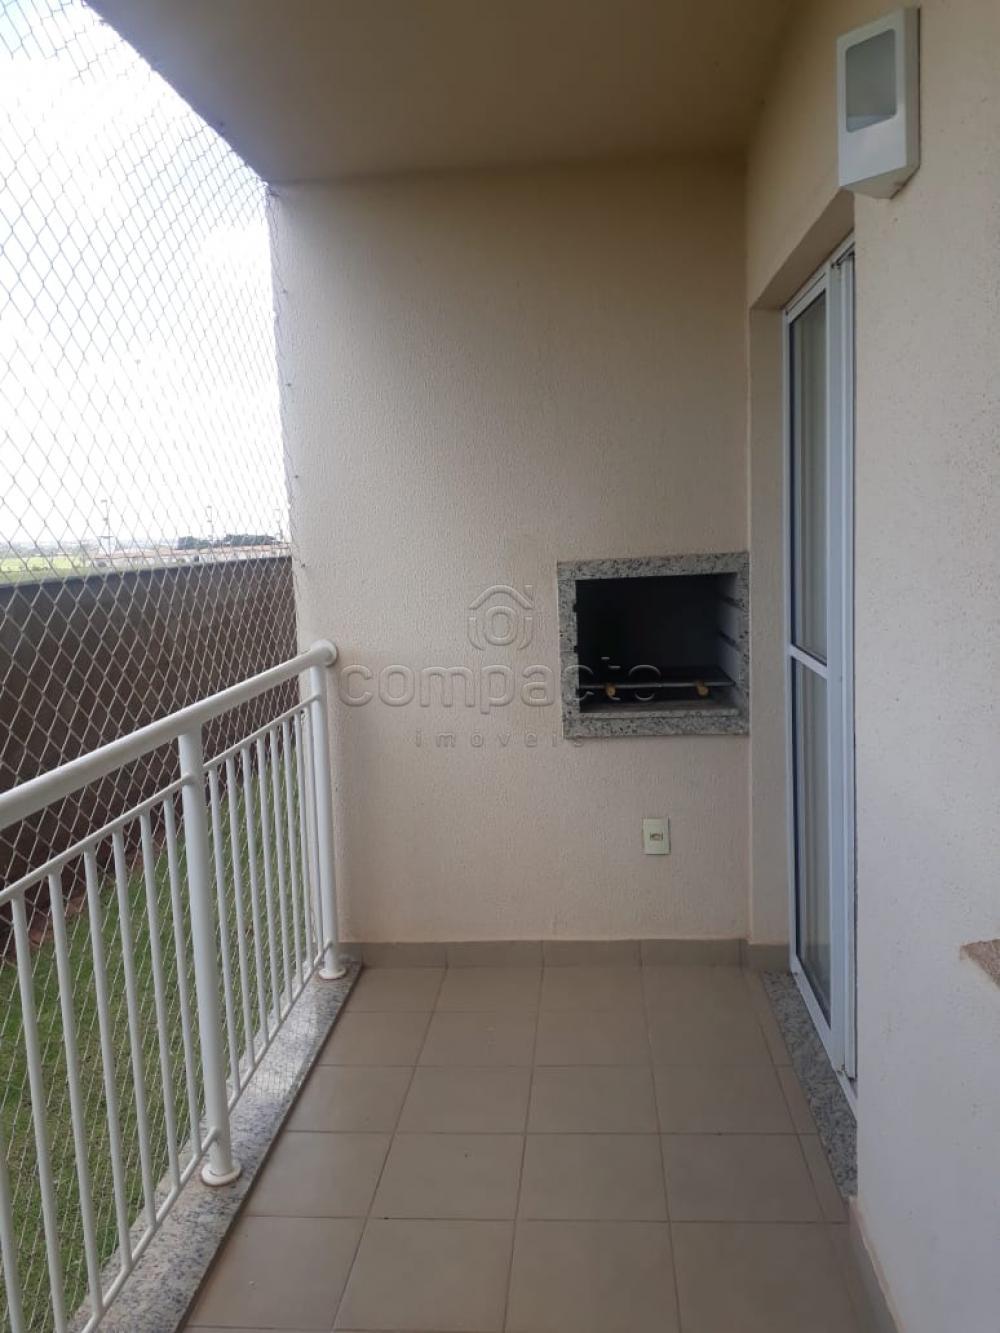 Alugar Apartamento / Padrão em São José do Rio Preto apenas R$ 1.450,00 - Foto 3